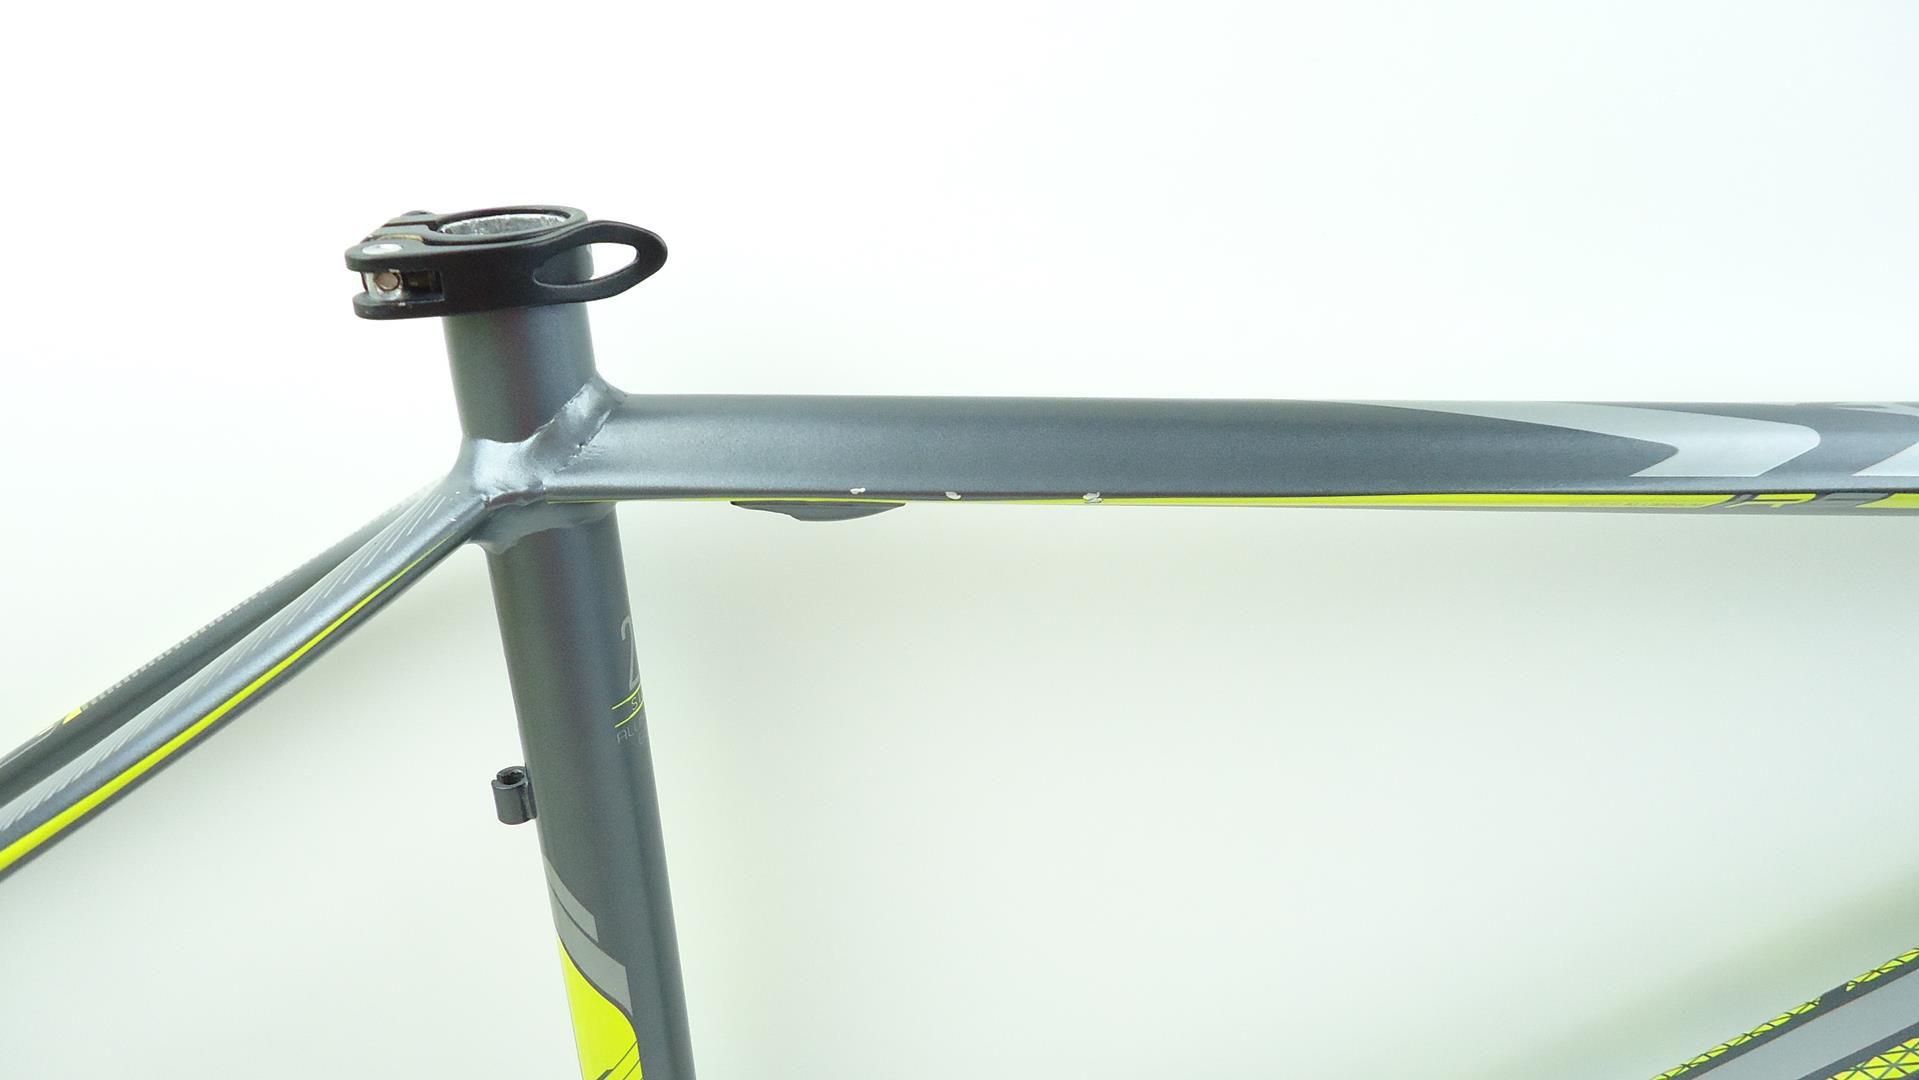 Quadro Bicicleta Mtb First Athymus Aro 29 Tamanho 21 em Aluminio Cinza Amarelo Fosco - USADO